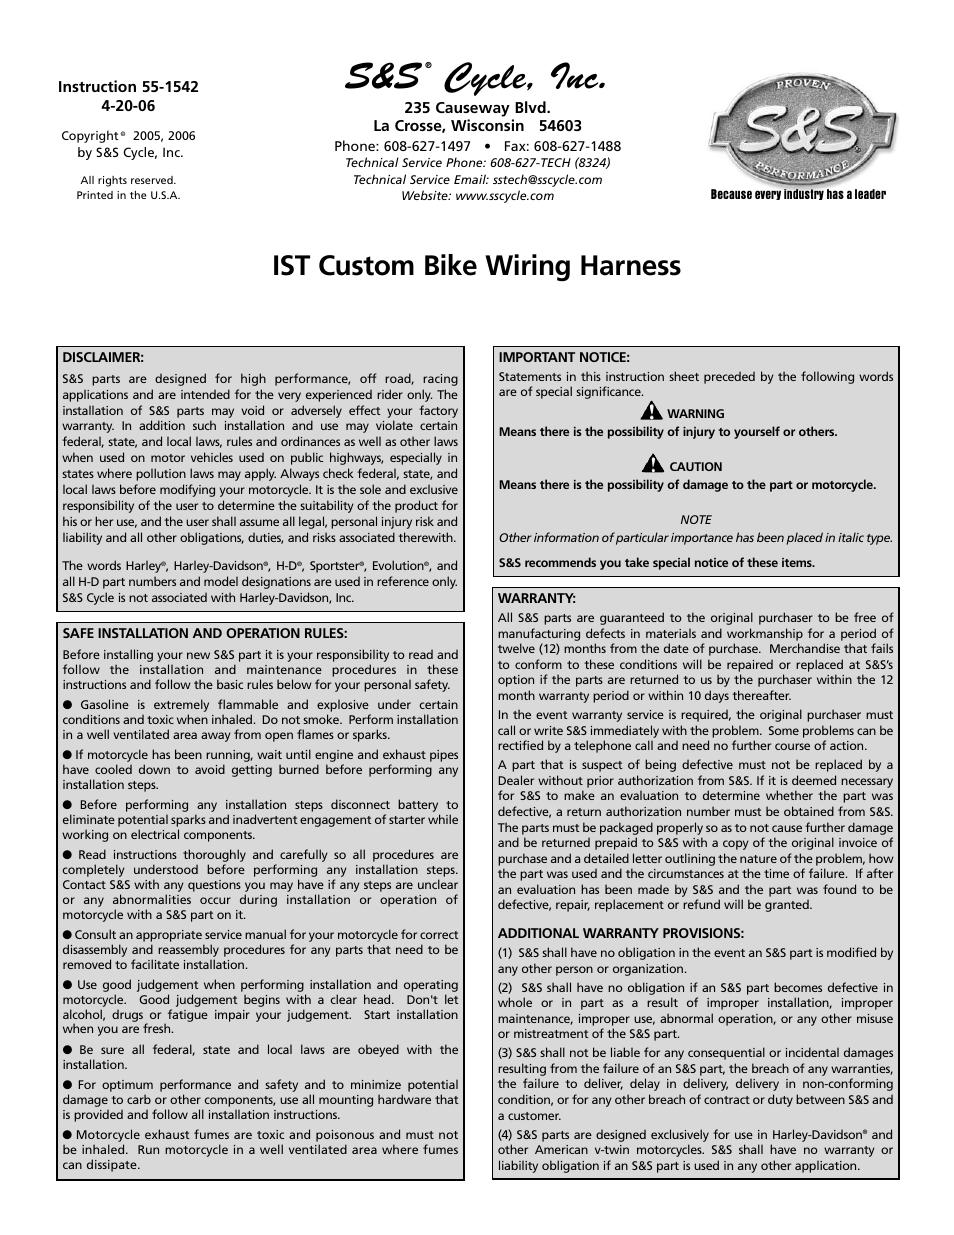 S U0026s Cycle Ist Custom Bike Wiring Harness User Manual